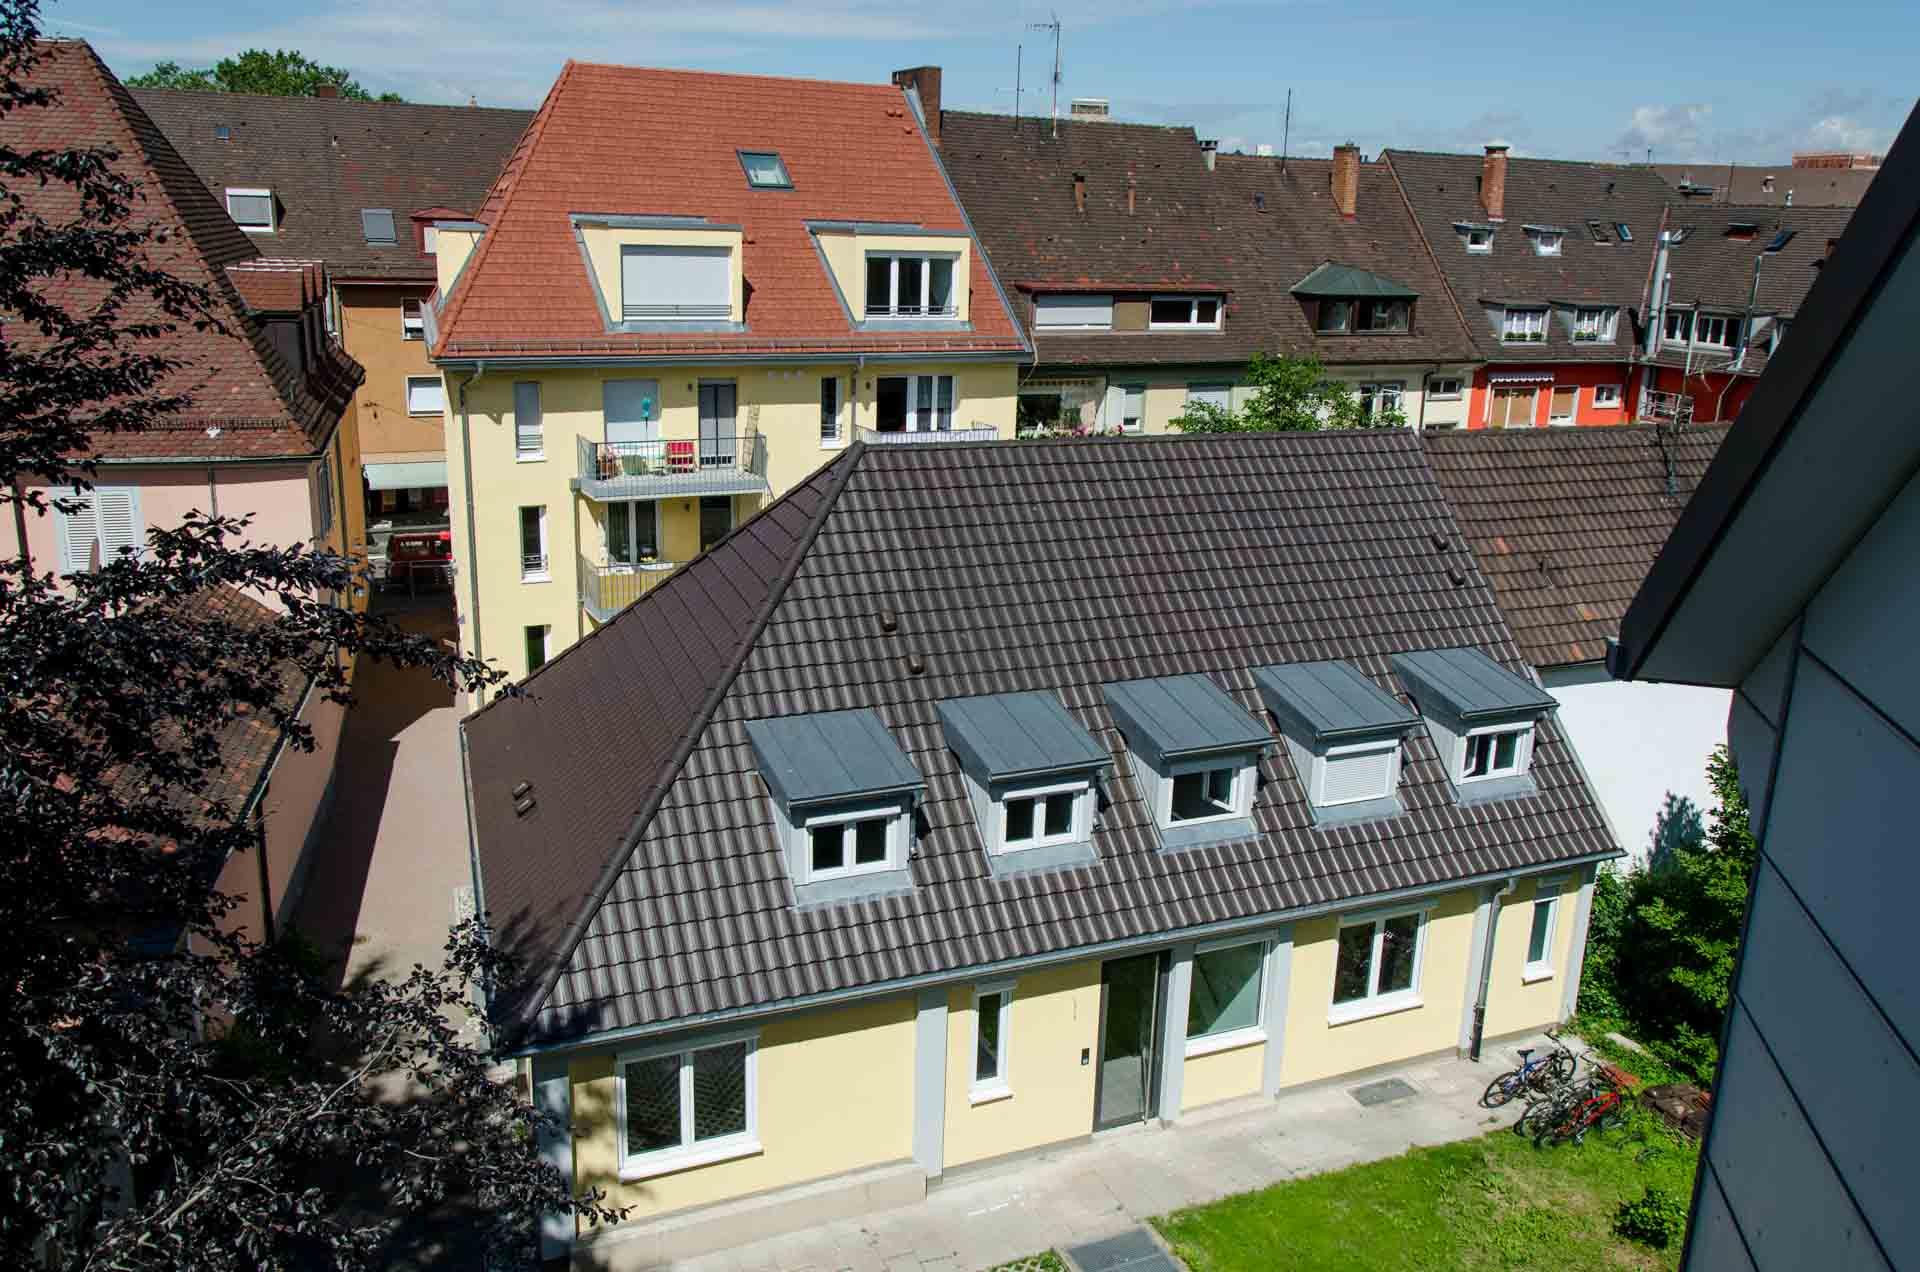 Das Haus Gottestreue bietet Betreutes Wohnen, eine Ambulant Betreute Wohngruppe und eine Wohngemeinschaft für Studierende – alles unter einem Dach mitten in der Freiburger Innenstadt.